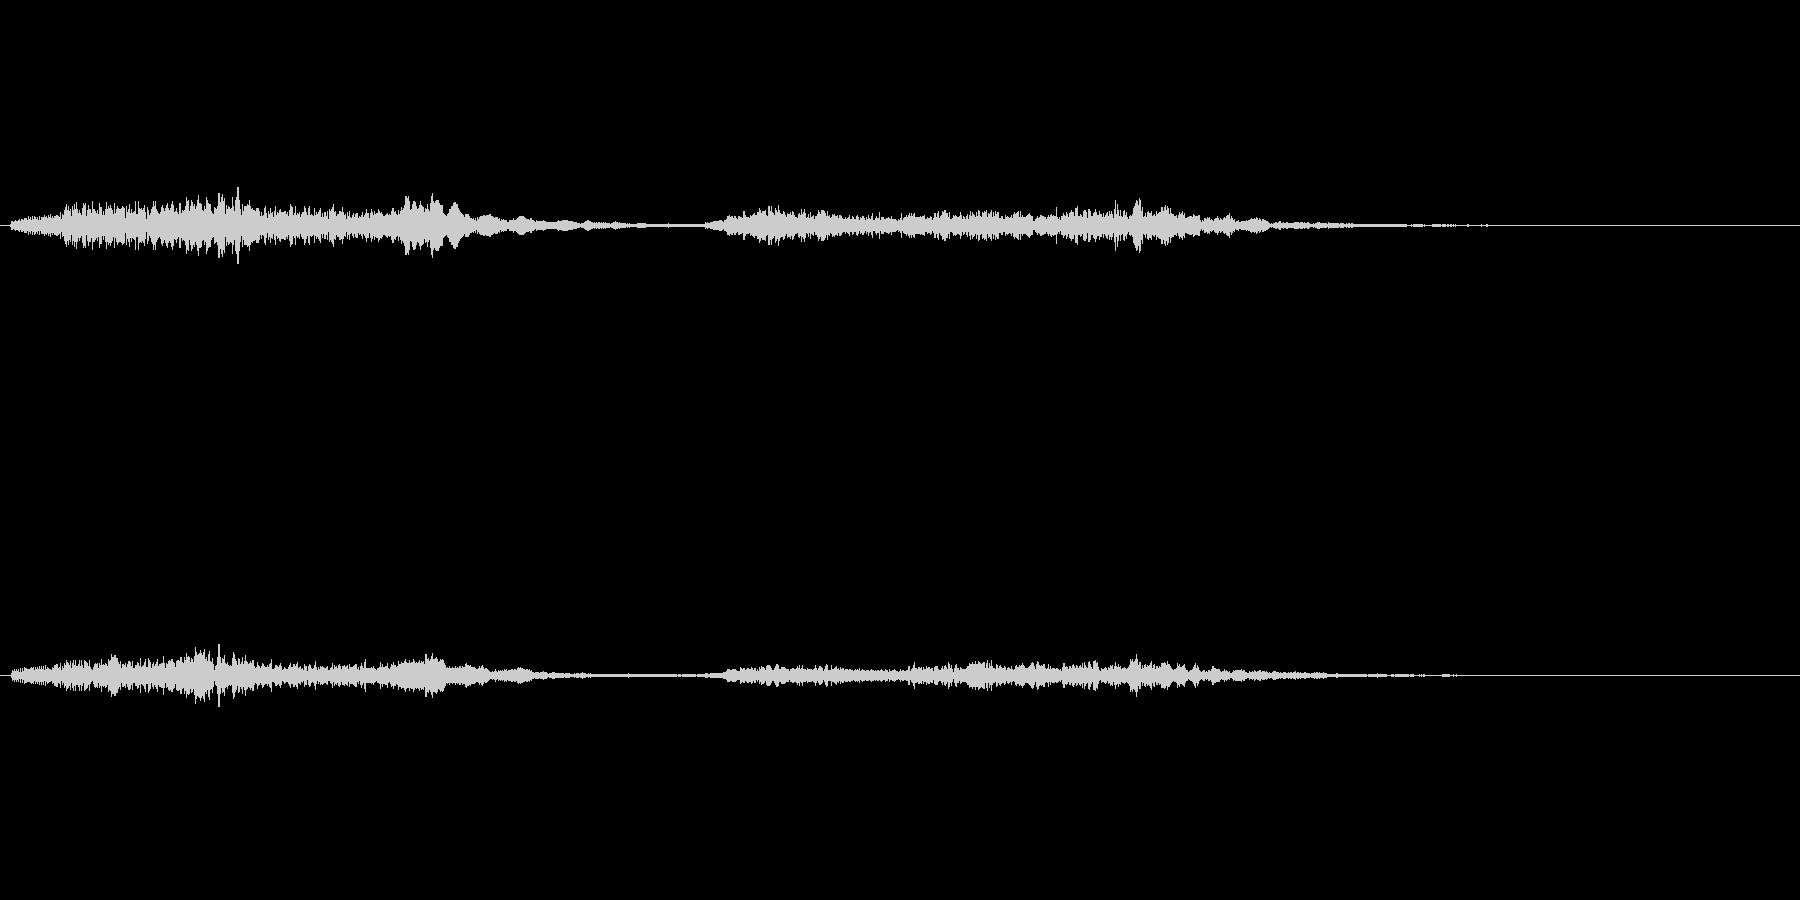 「バイオリンの綺麗なフレーズ」の未再生の波形